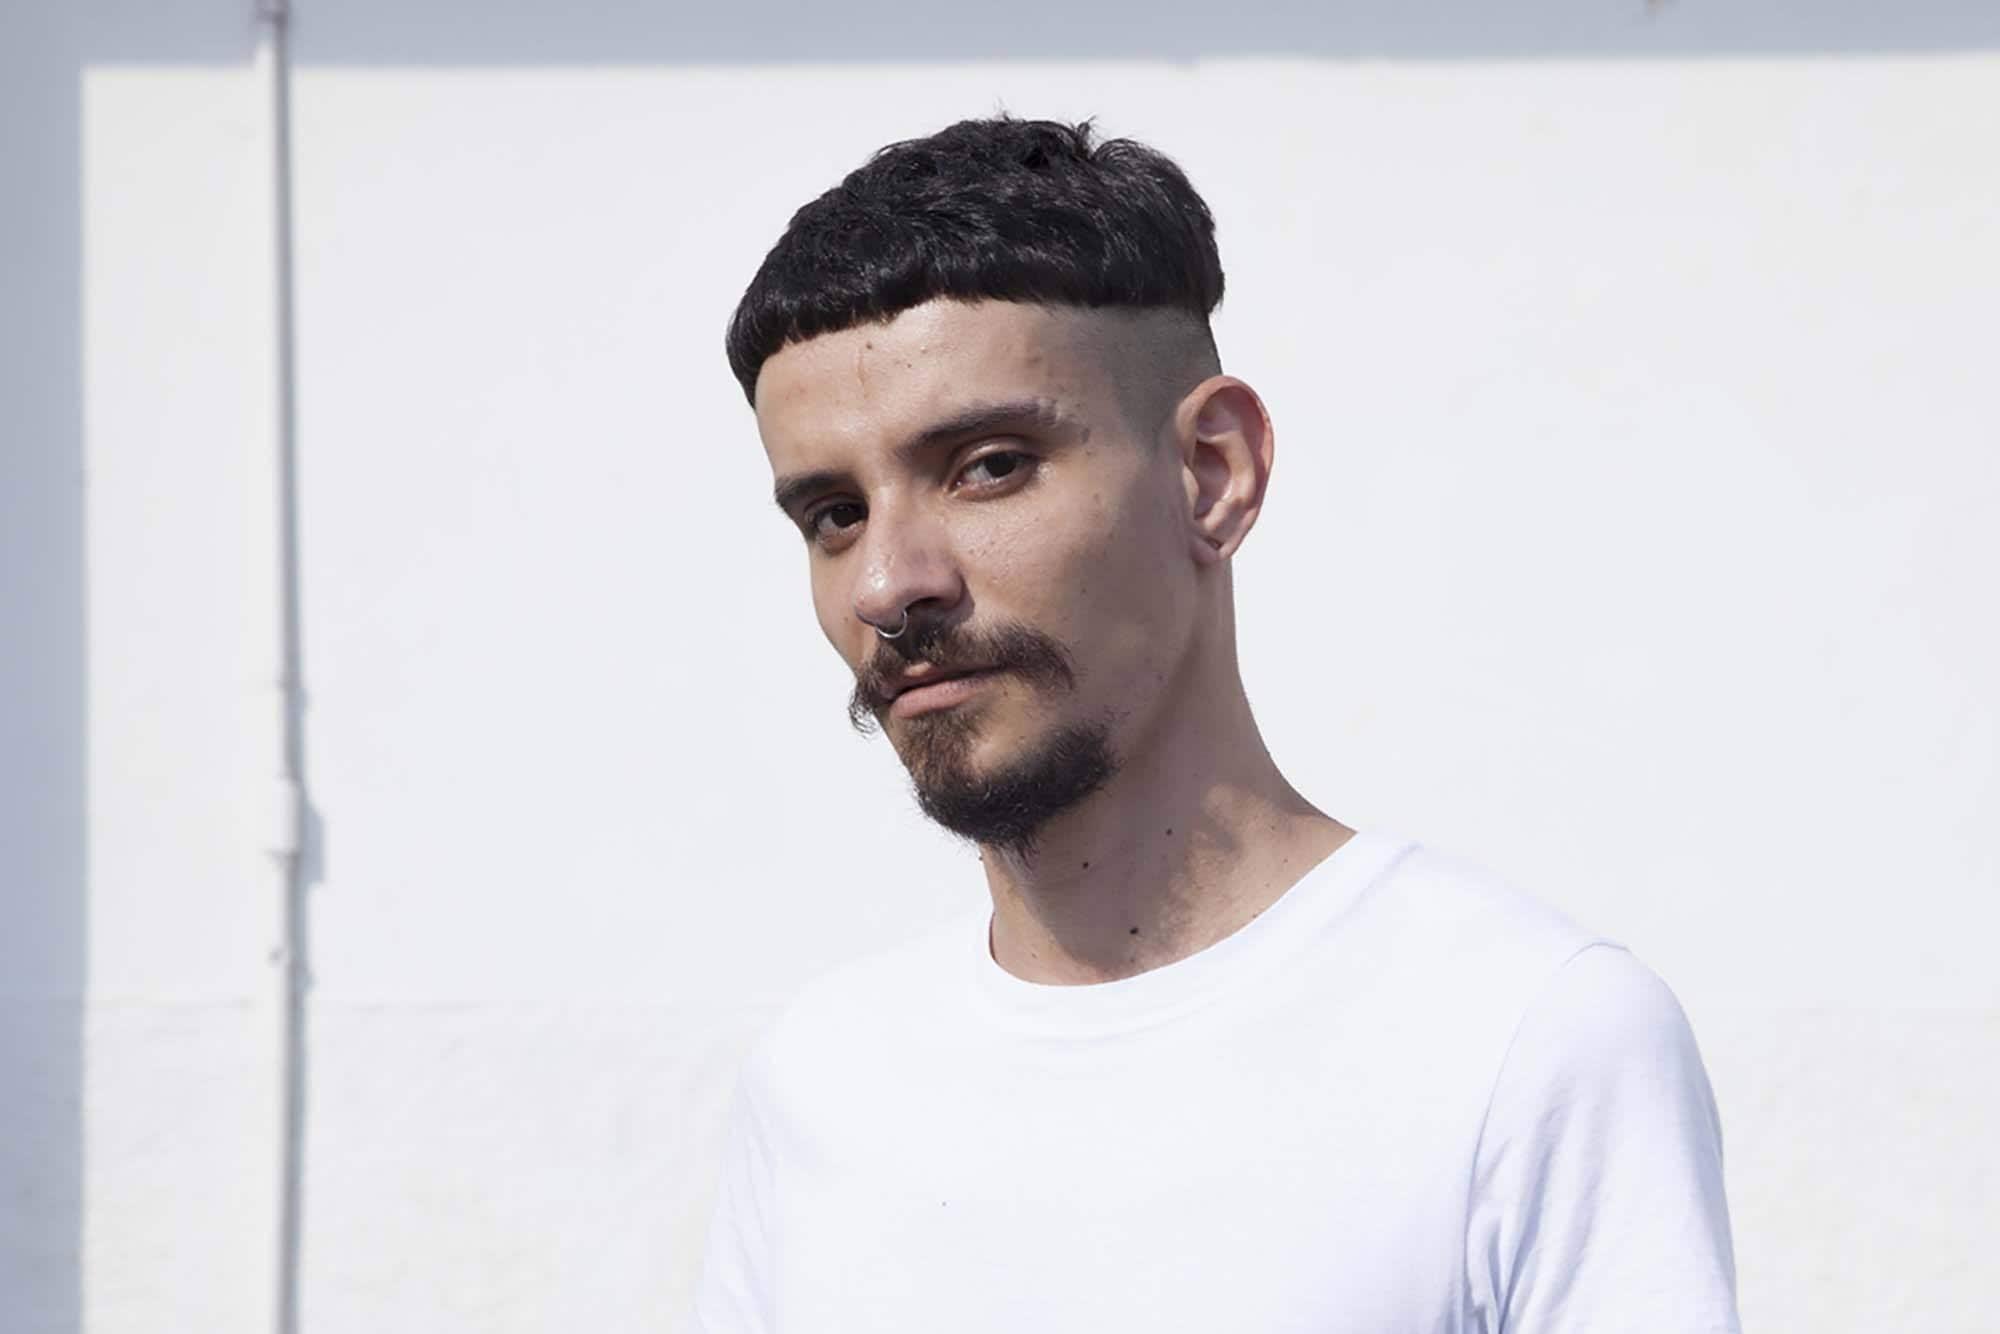 mens new haircut bald undercut